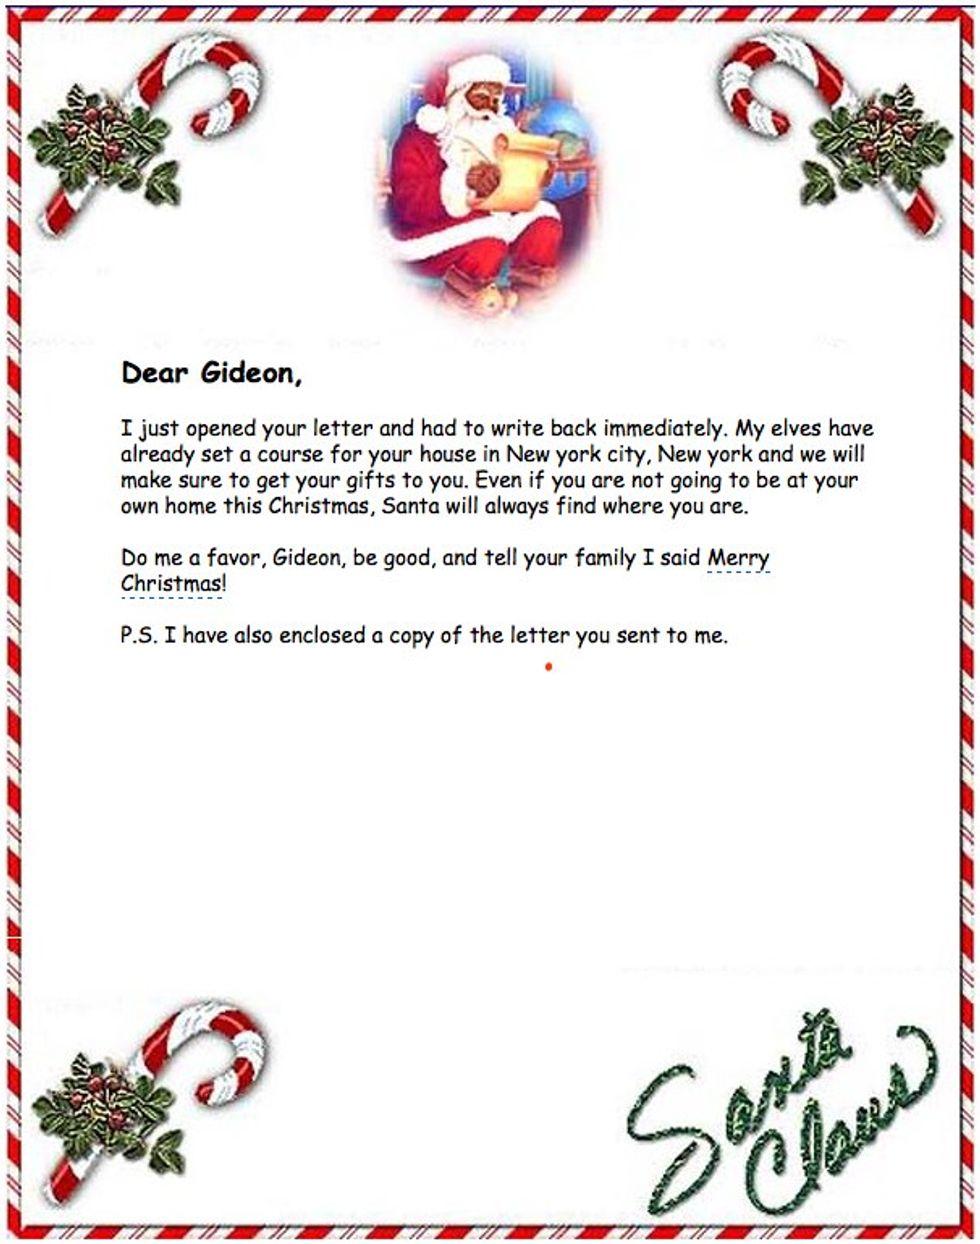 LetterFromSanta-705084.jpg